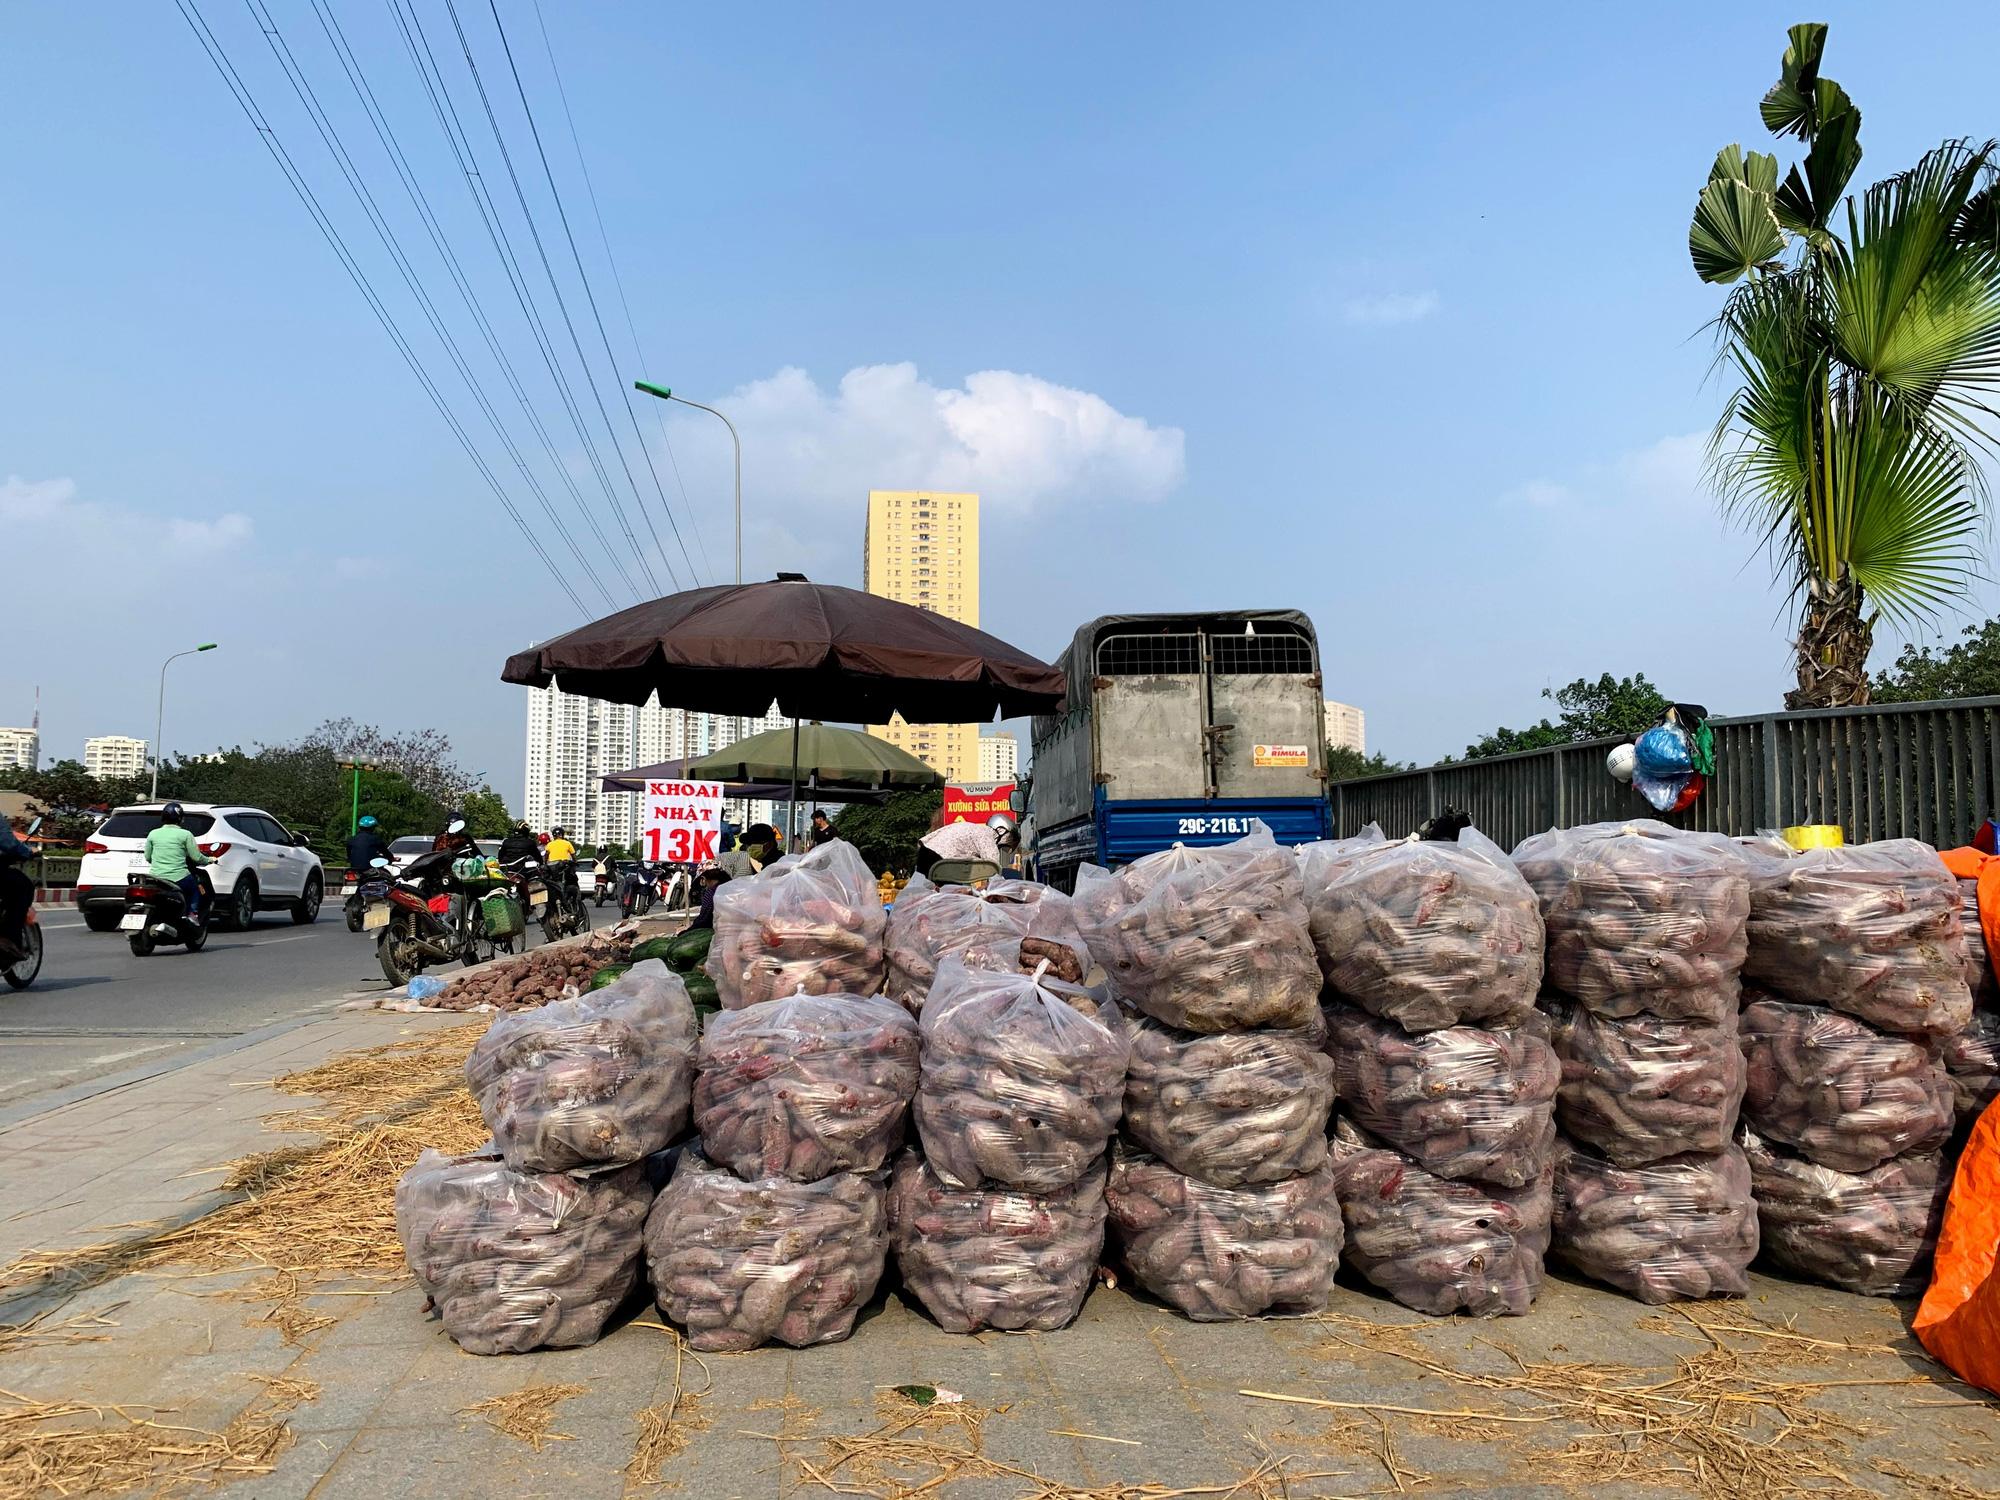 Hàng trăm tấn khoai lang nằm dài trên đường phố Hà Nội chờ 'giải cứu' - Ảnh 9.